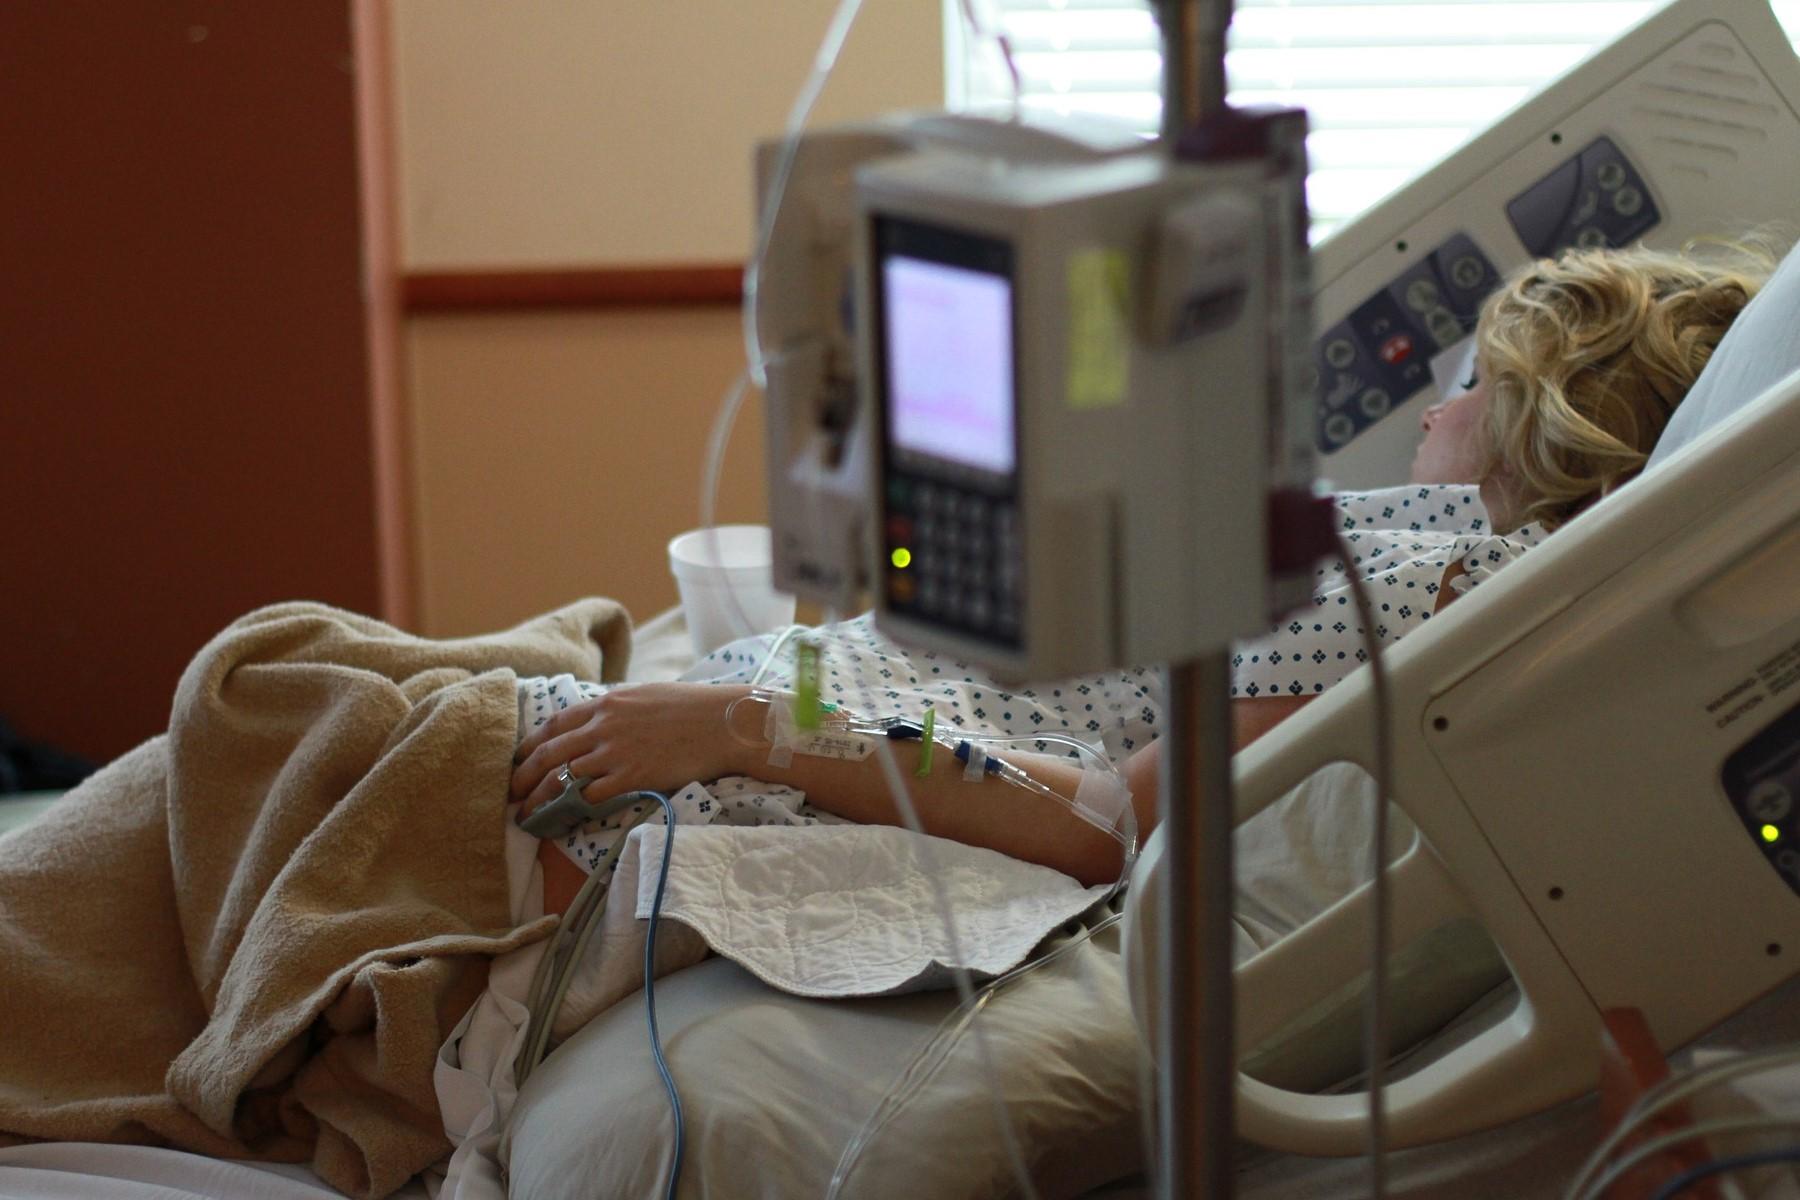 Tagesordnungsantrag   Pflege- und Betreuungseinrichtungen – Beitrag für Pflegebetten erhöhen   Angenommen✅